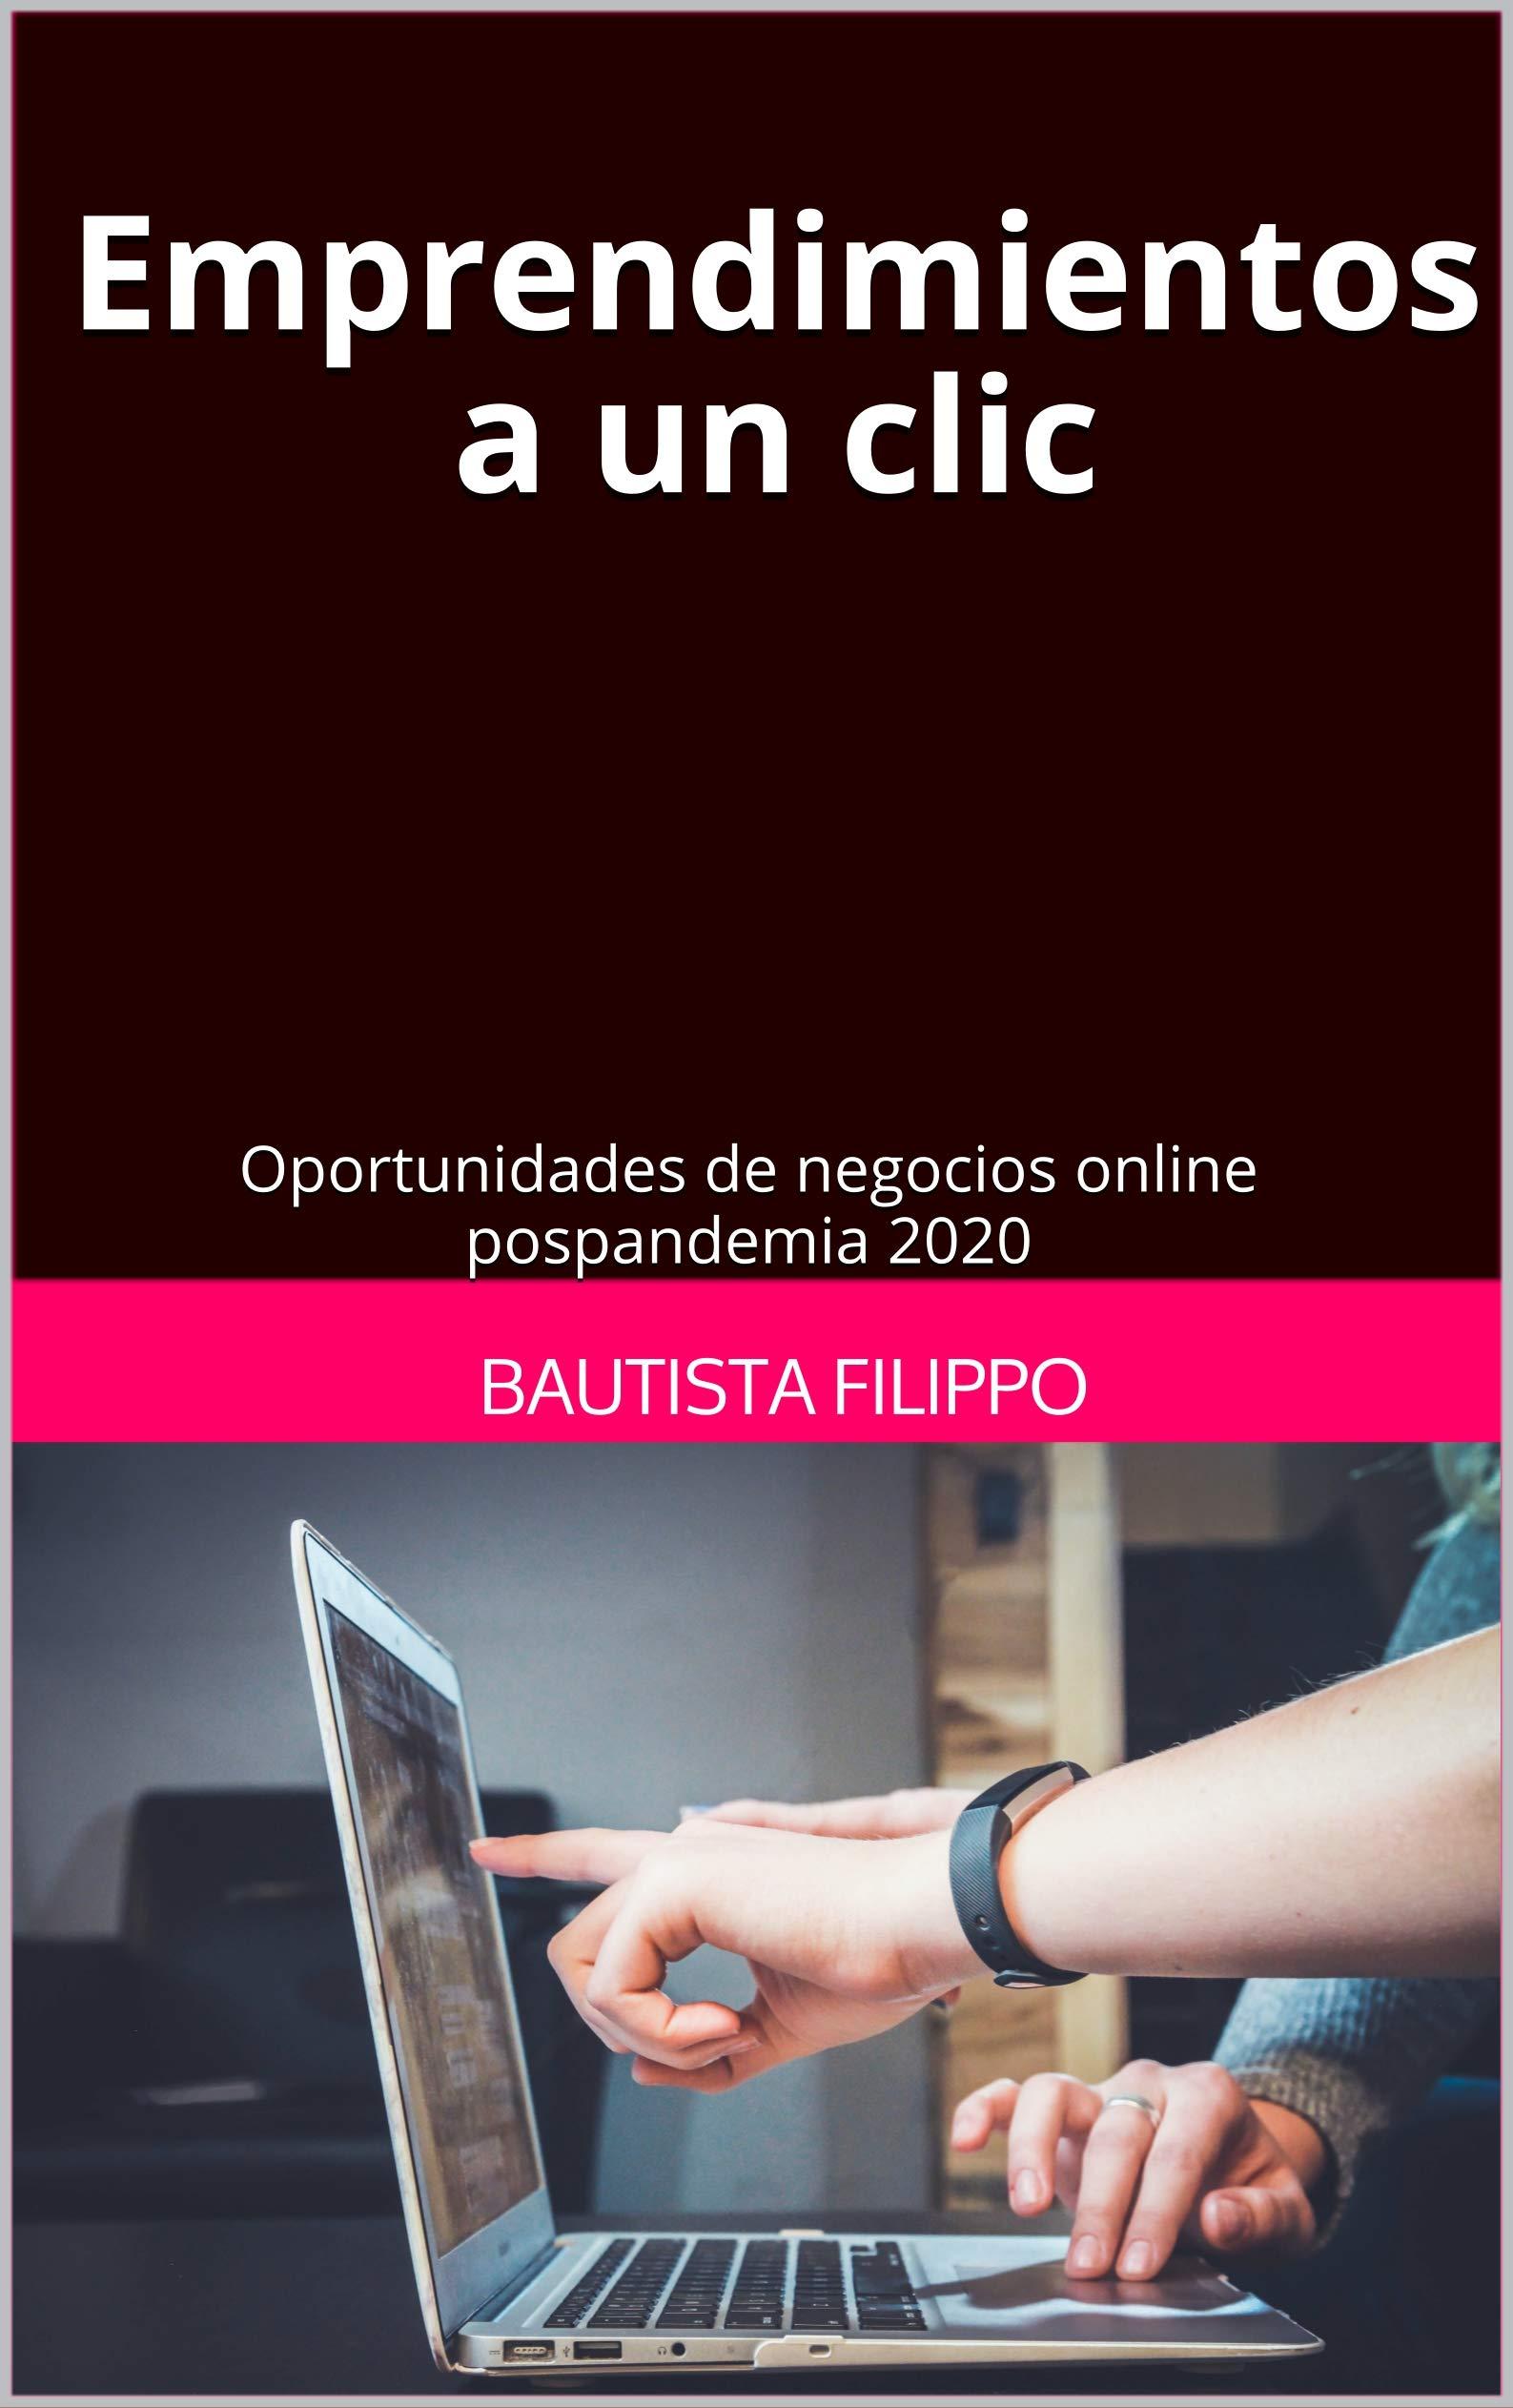 Emprendimientos a un clic: Oportunidades de negocios online pospandemia 2020 (Spanish Edition)